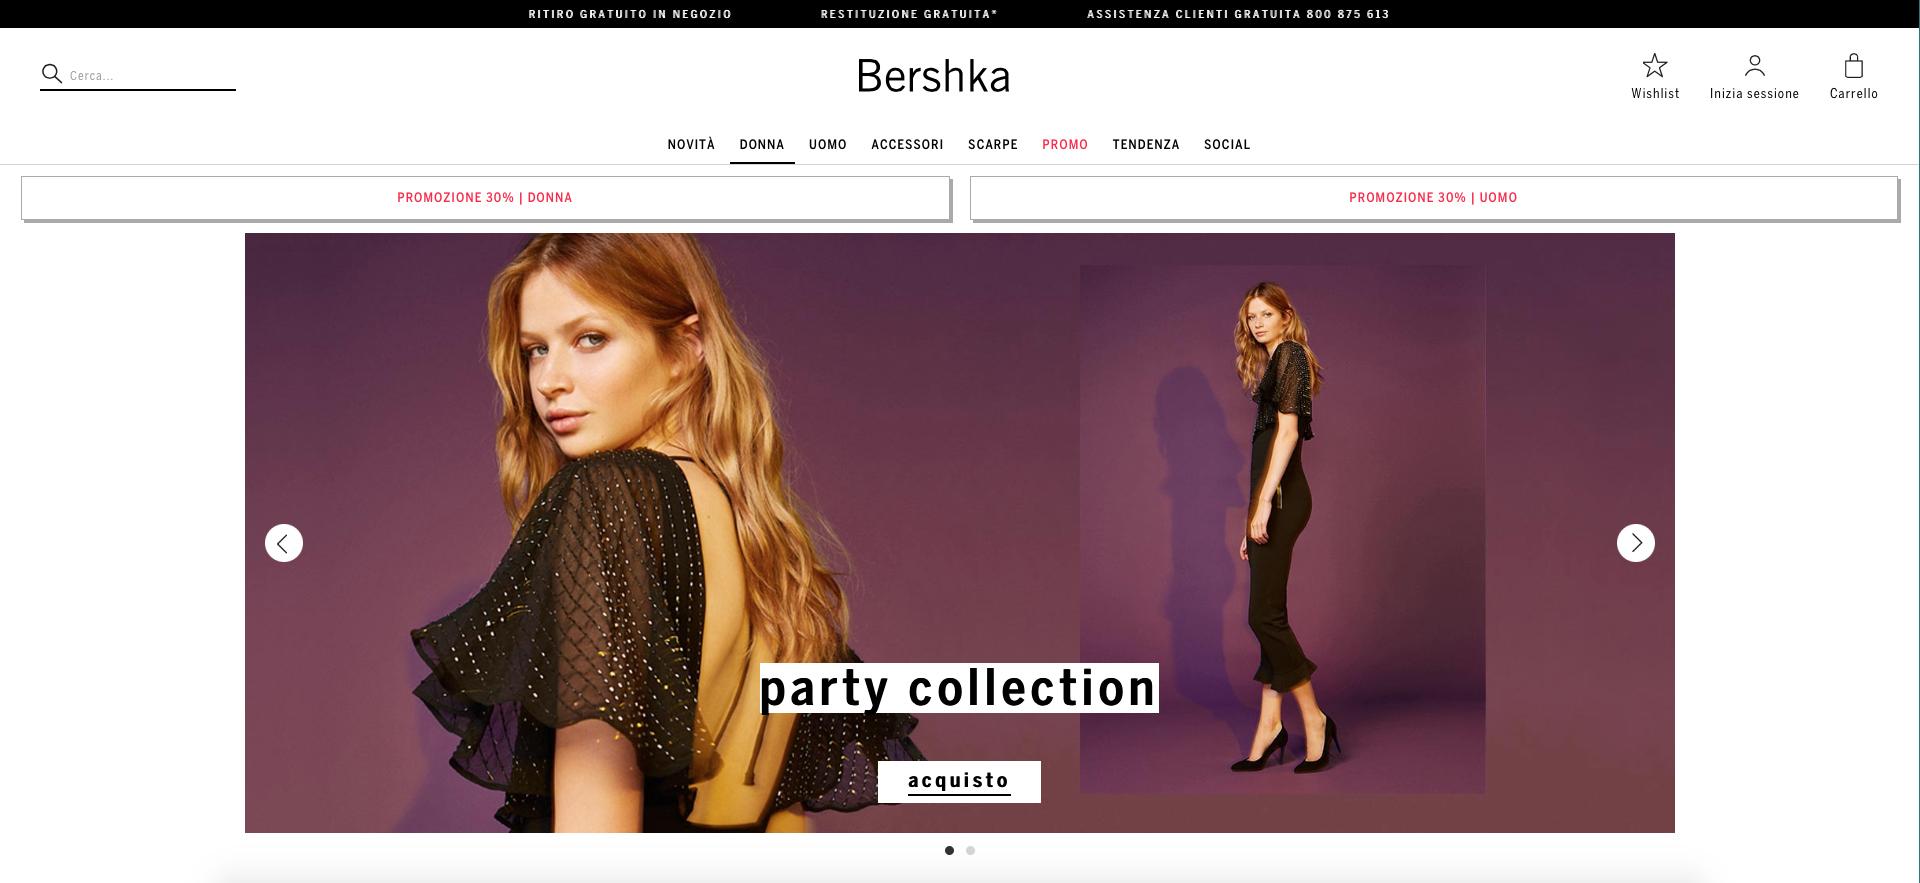 6bd70af01f27 I 10 migliori brand di moda low cost - Blog di moda